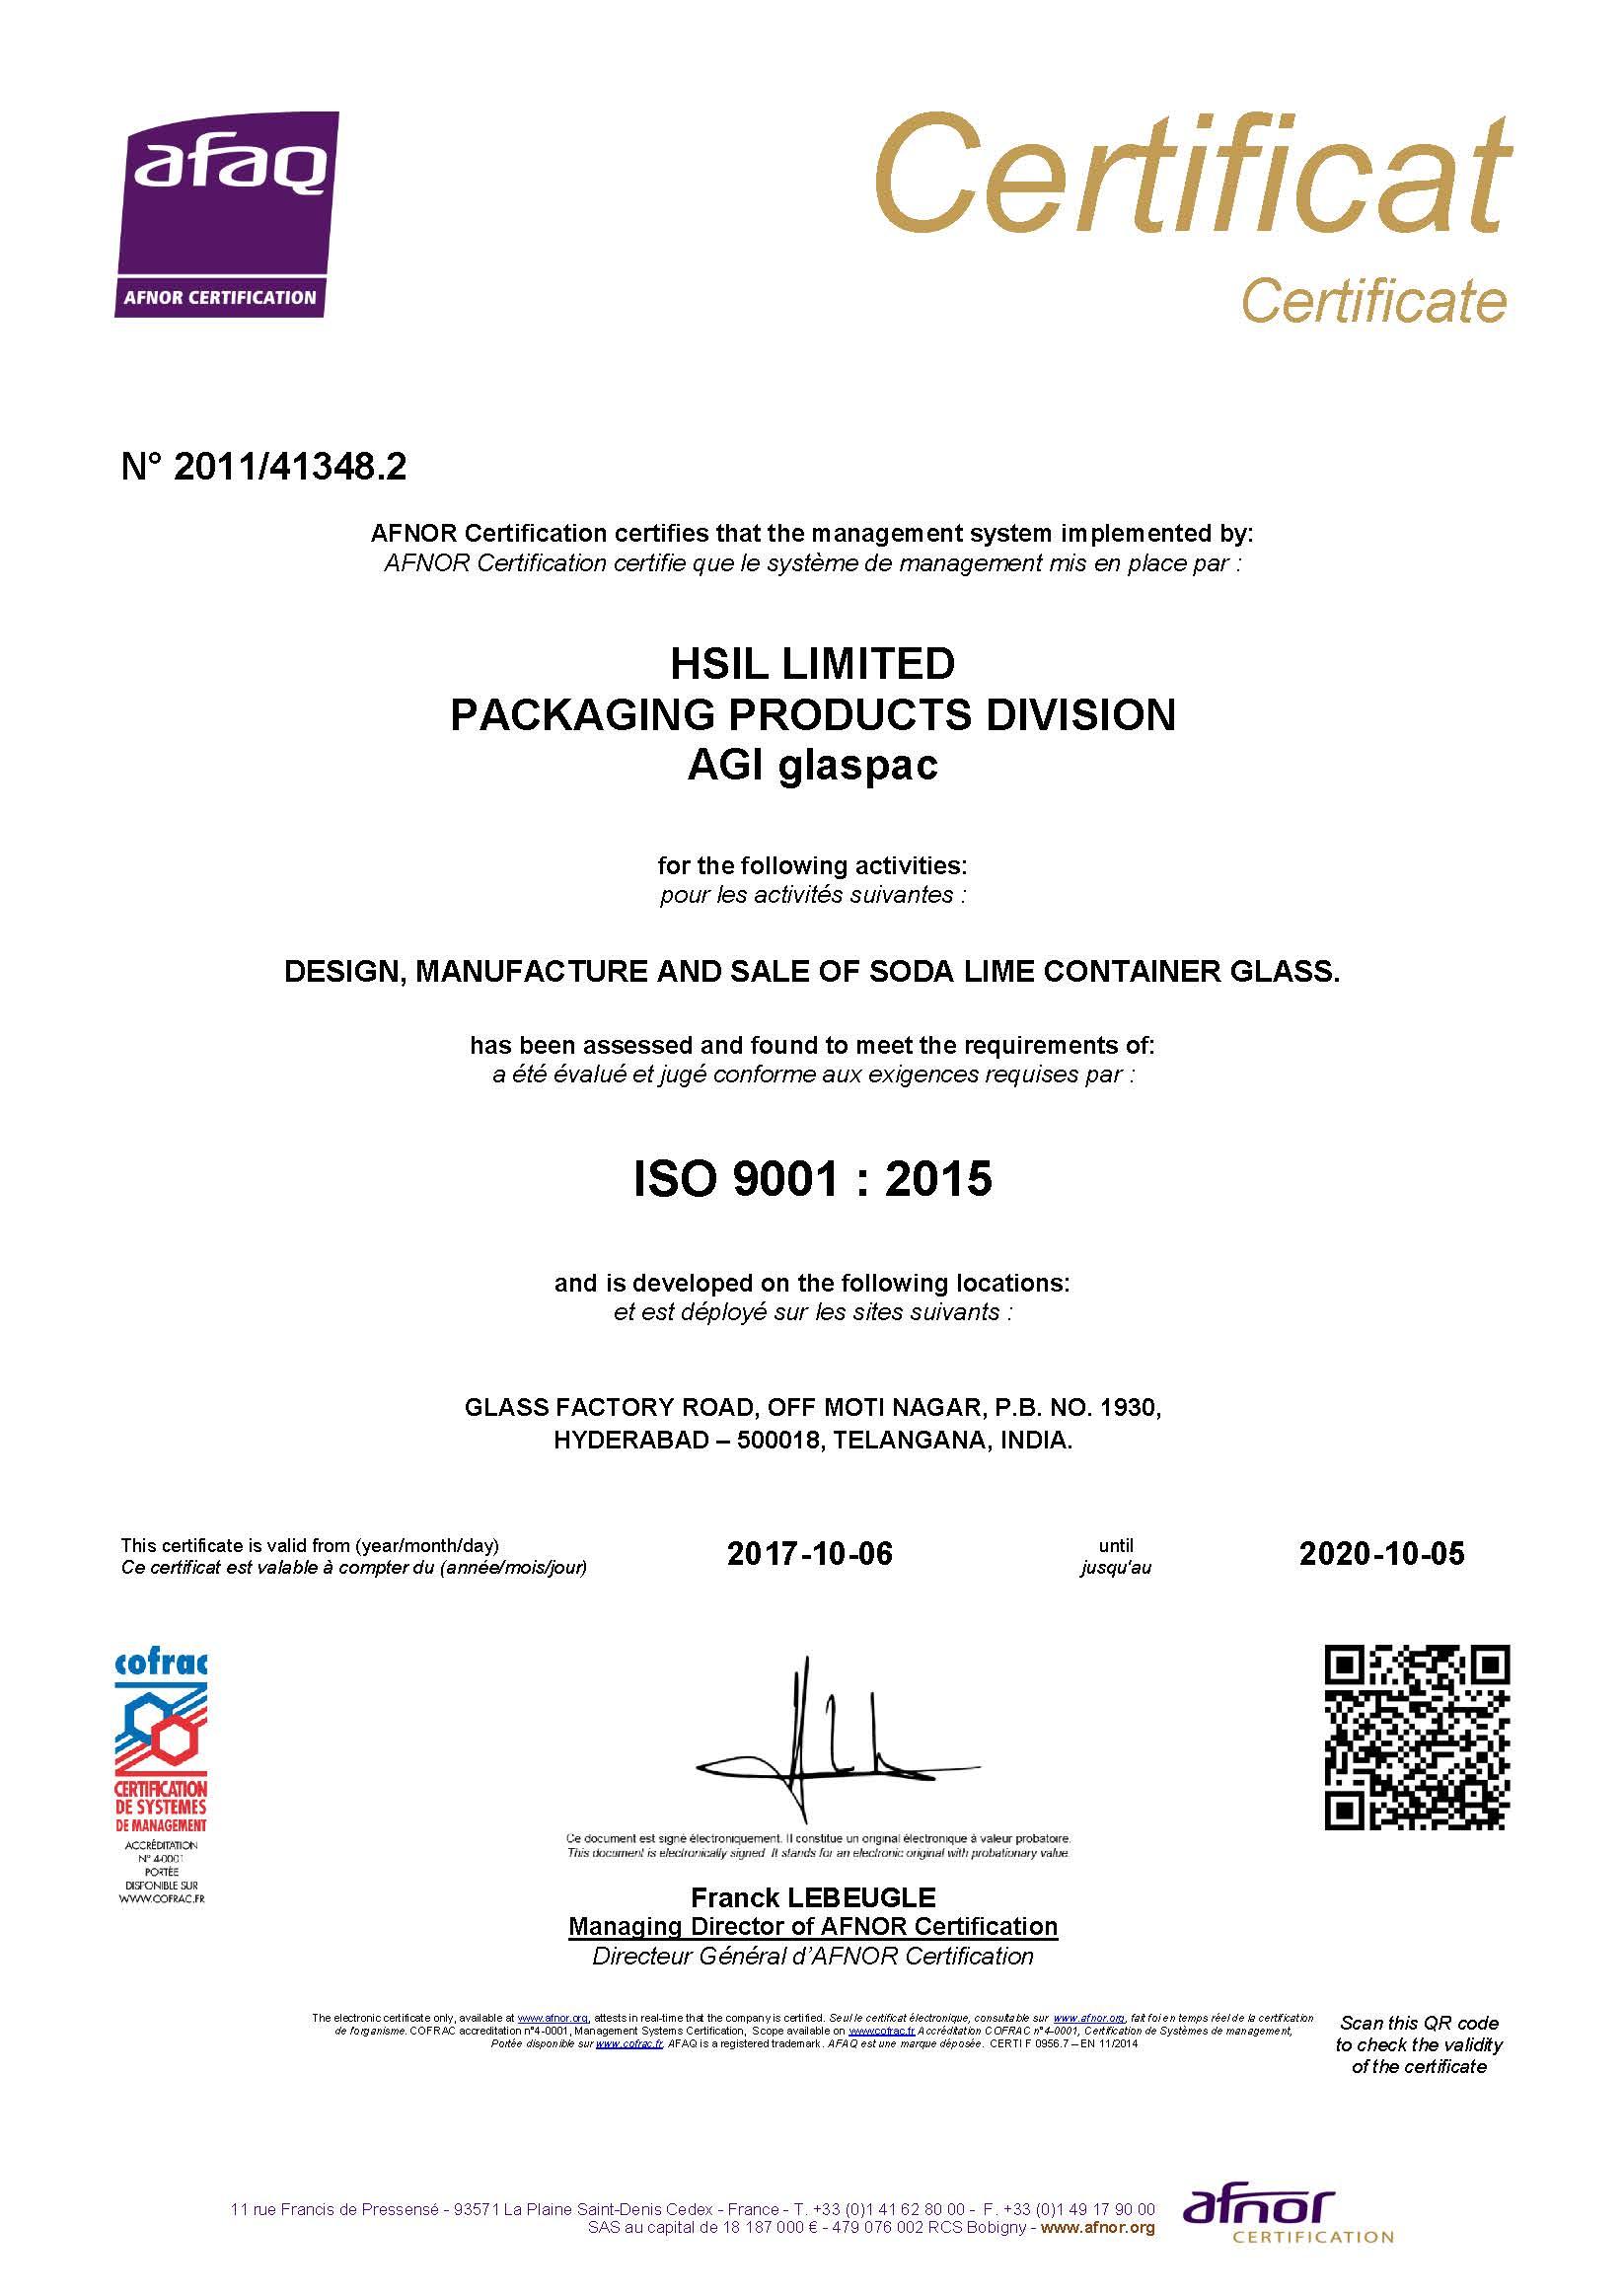 Hyderabad certificate 2